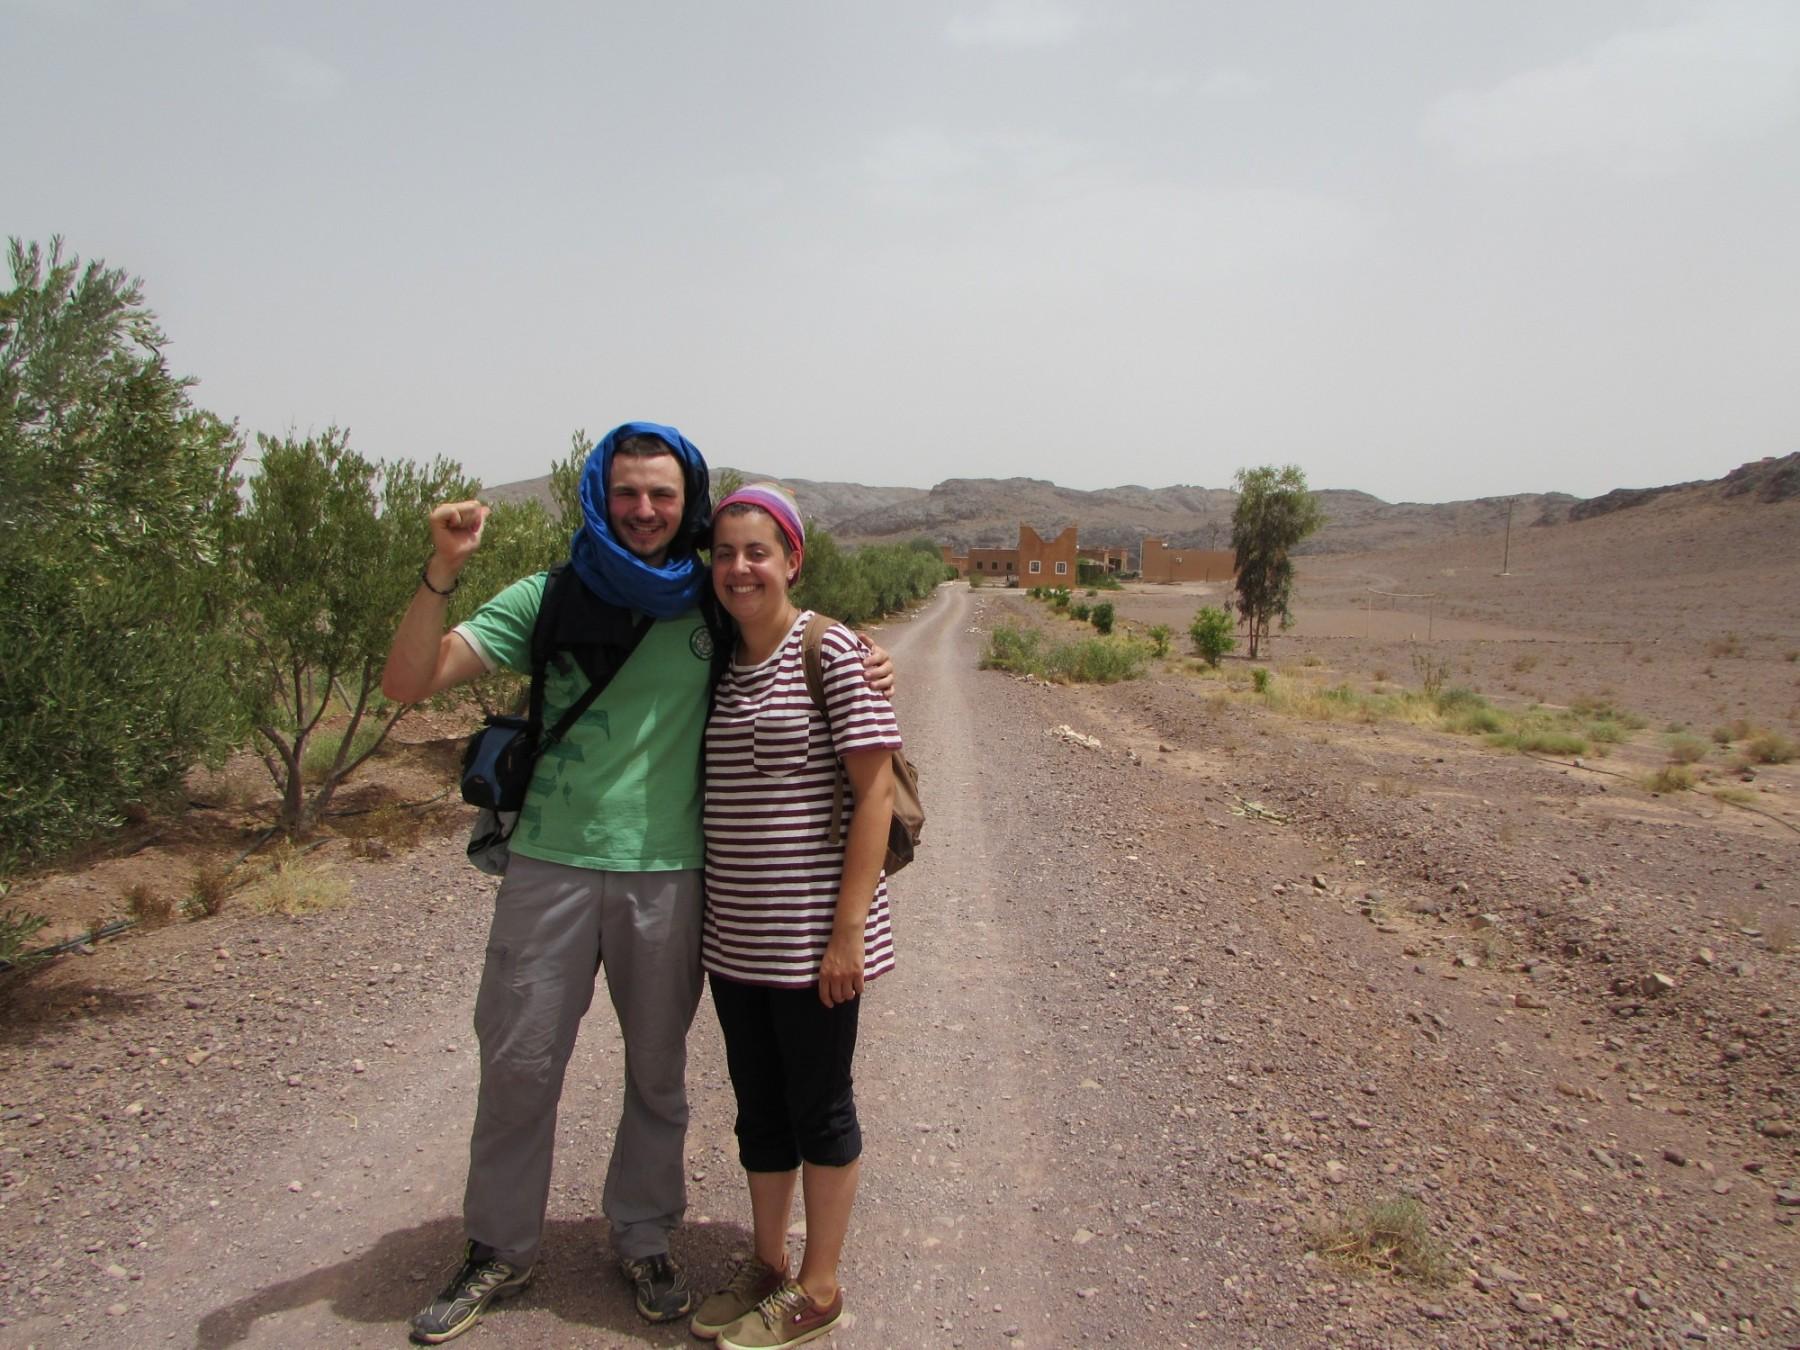 L'esperienza di Sara in Marocco 2